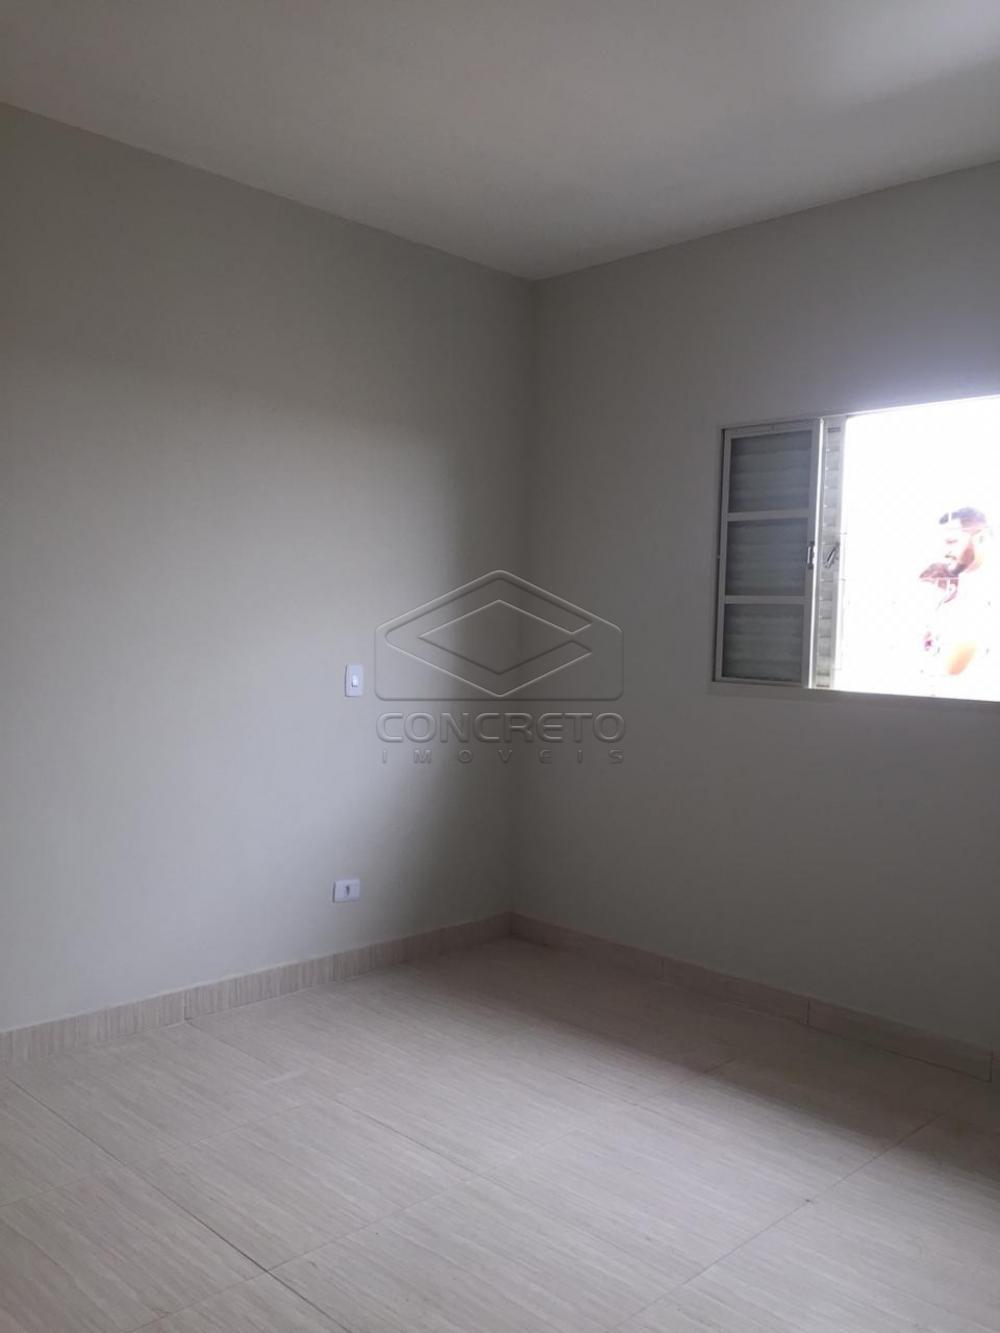 Comprar Casa / Padrão em Bauru apenas R$ 245.000,00 - Foto 6